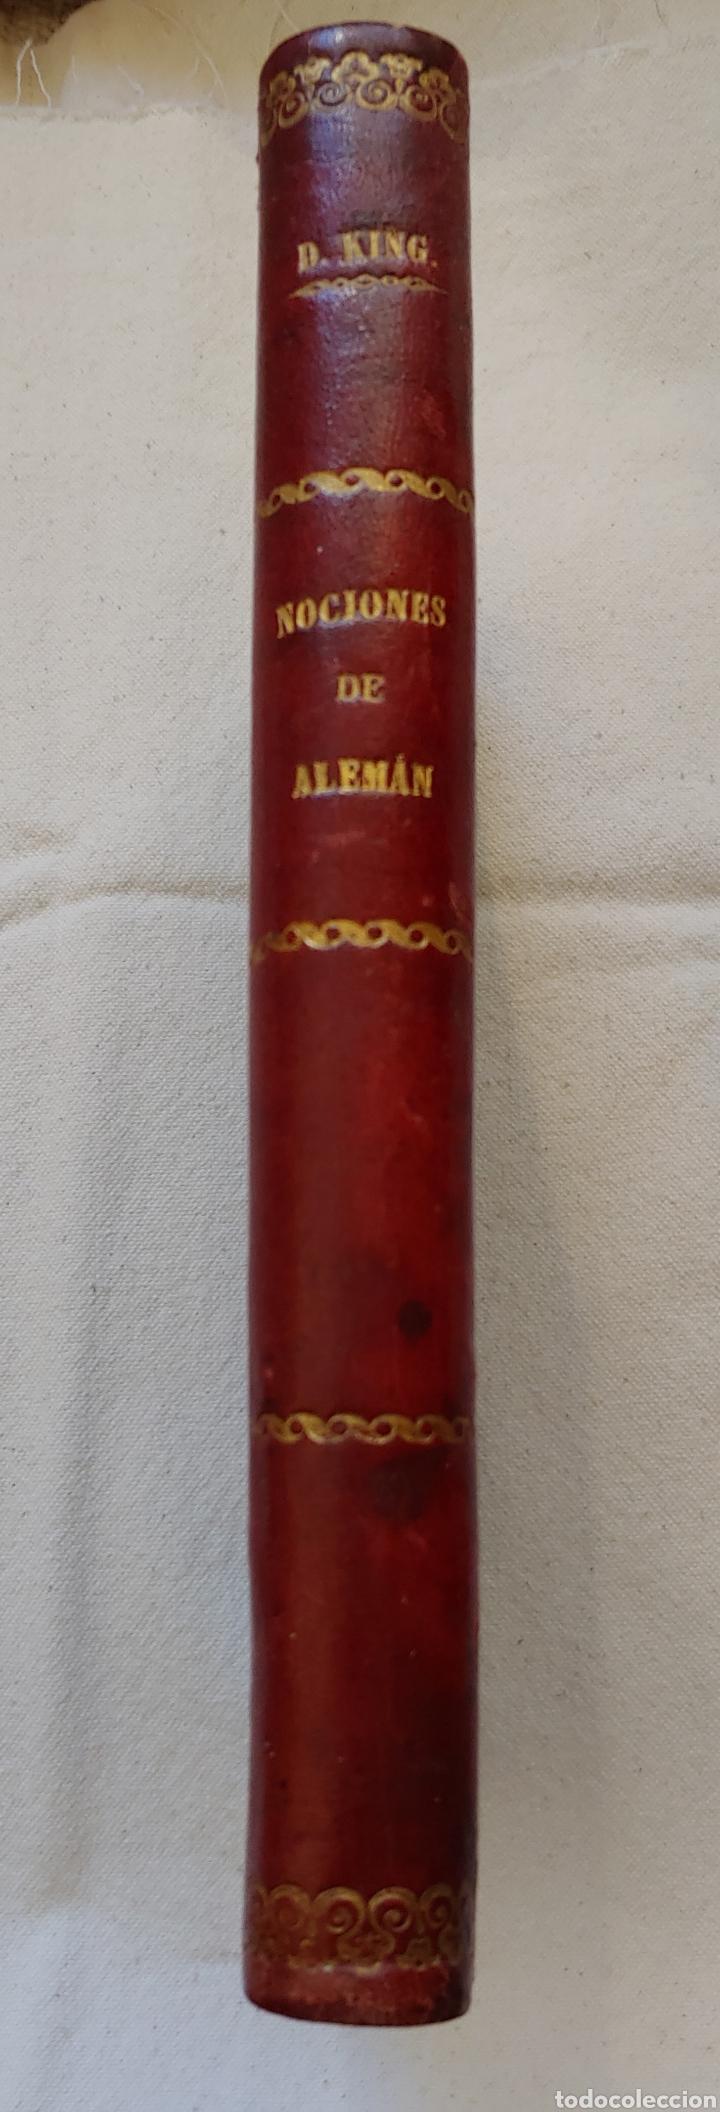 Libros antiguos: Antiguo libro Nociones de alemán curso elemental y práctico - Foto 2 - 217444720